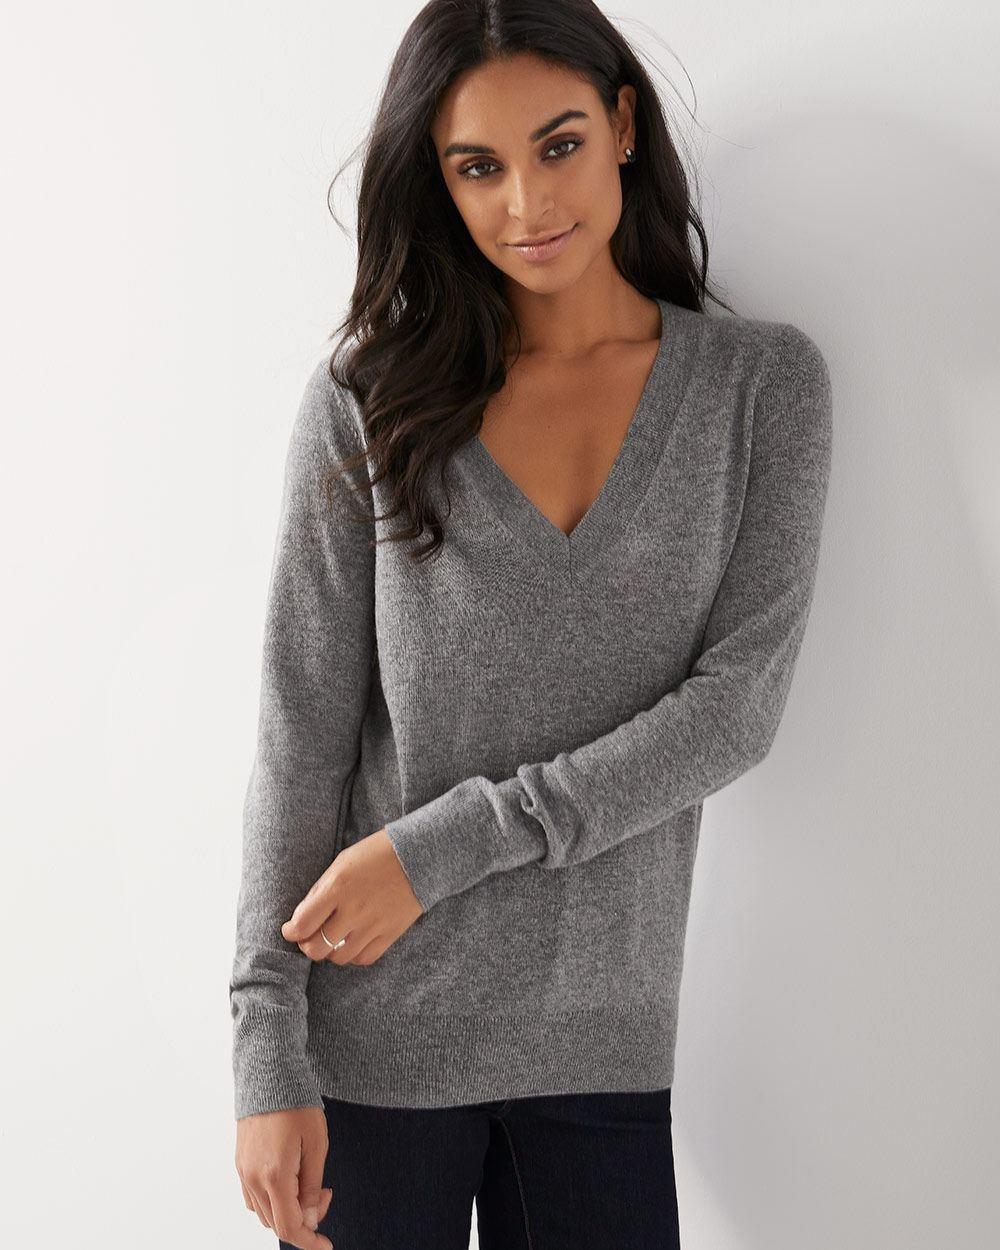 bf676d8341e Cashmere-like V-neck sweater